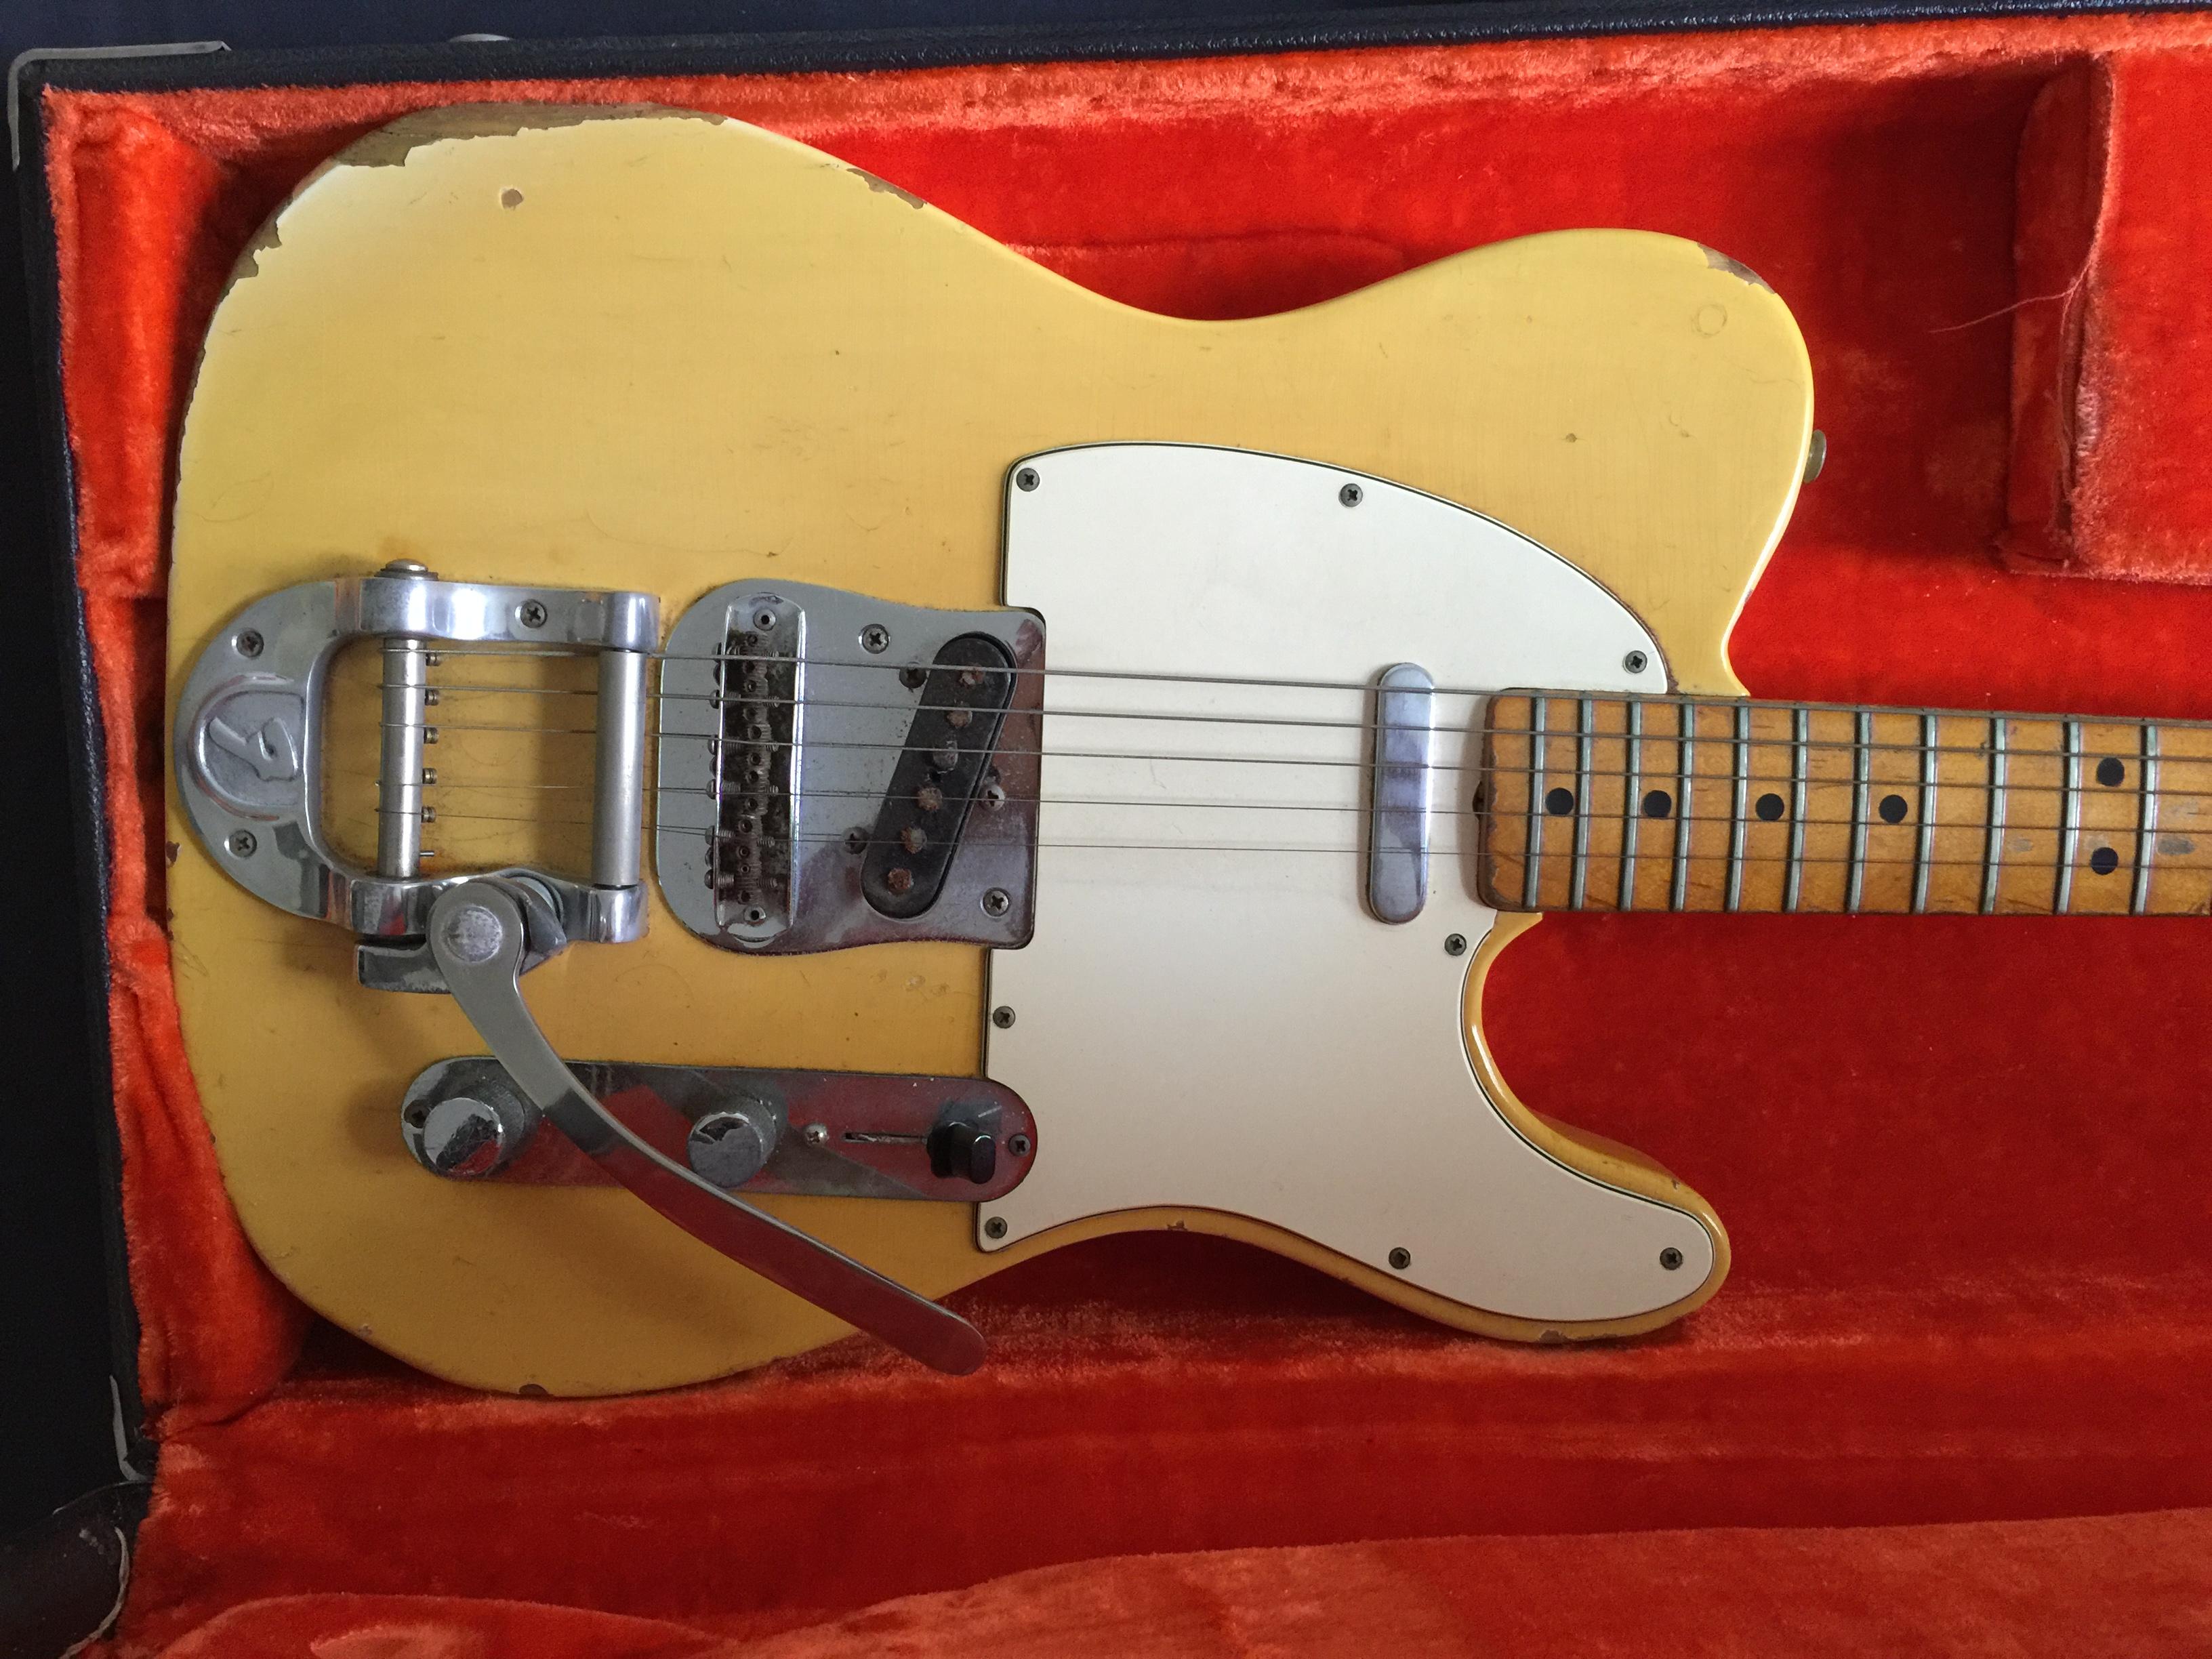 I have 2 Fender guitars  The older one is Fender Telecaster # 374220